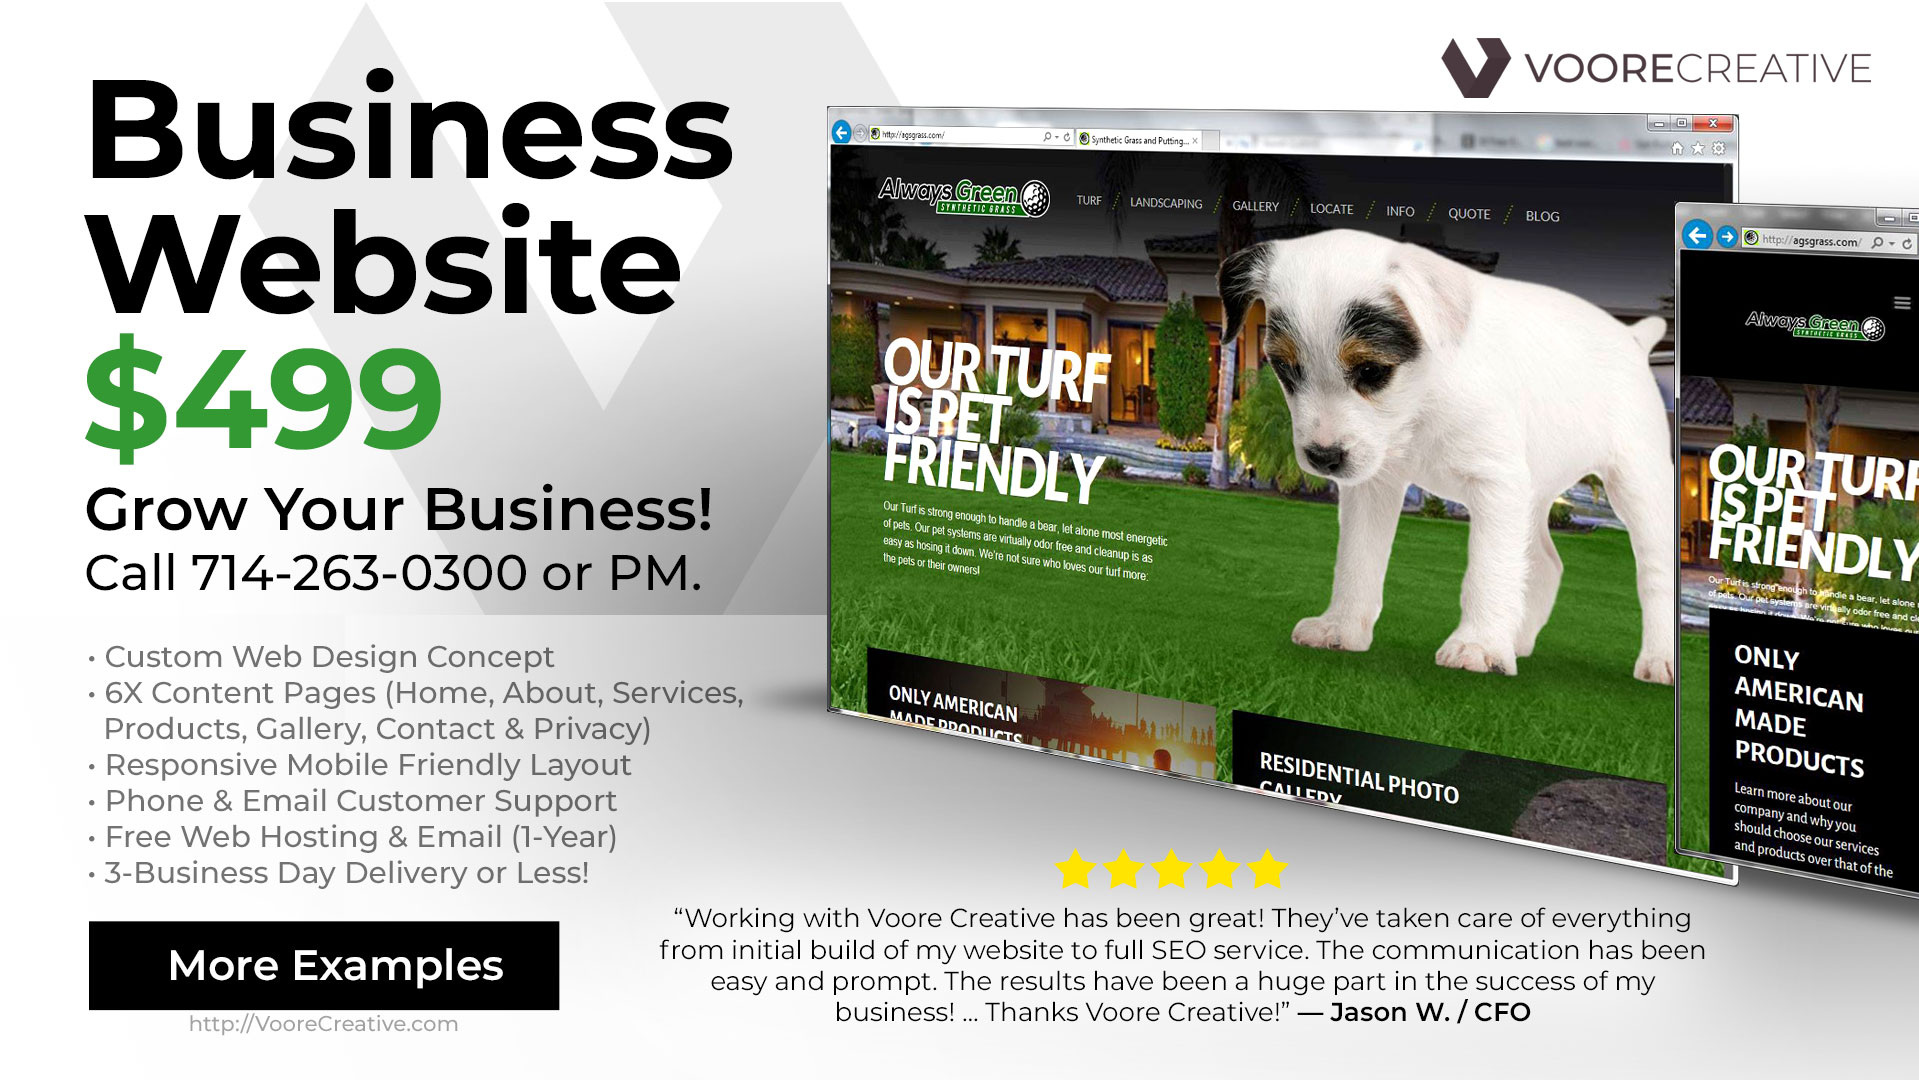 499-WEBSITES-VooreCreative.jpg